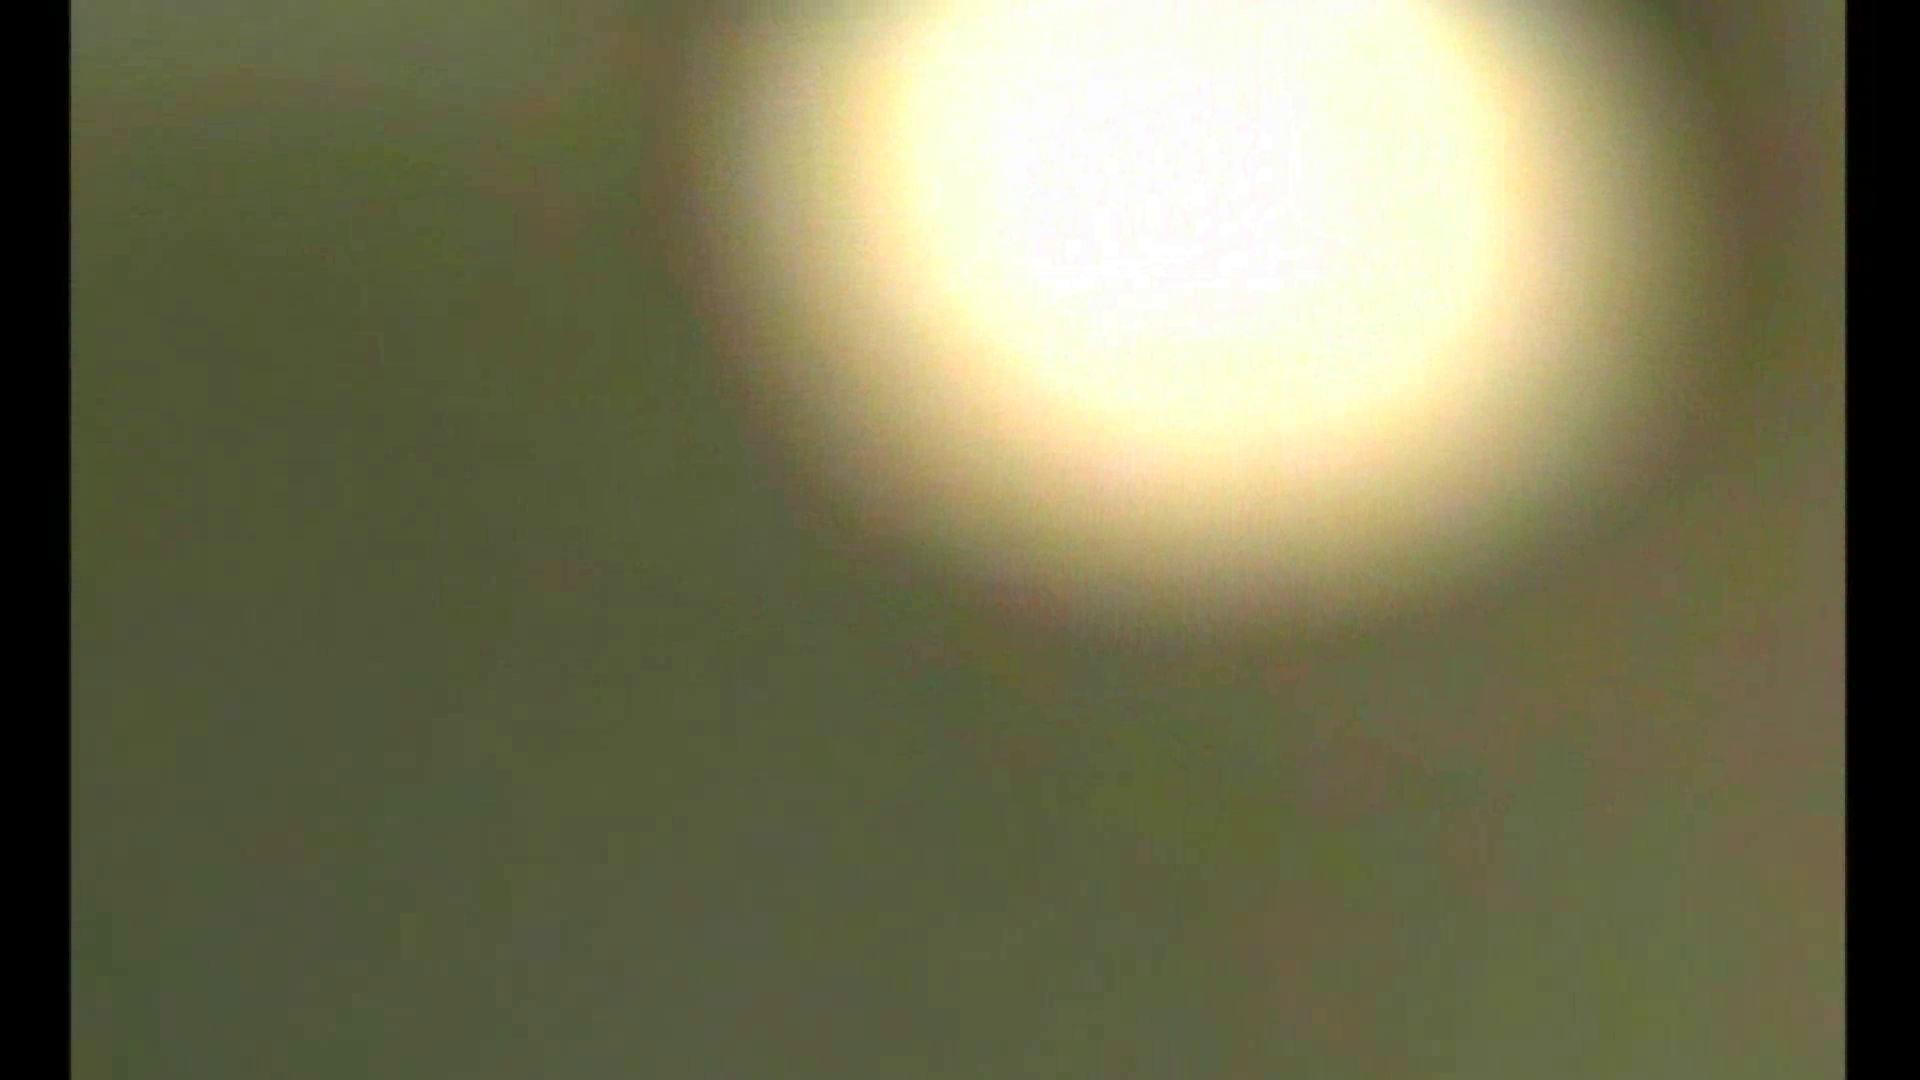 イケメンの素顔in洗面所 Vol.14 男天国 | イケメンのsex  102pic 74